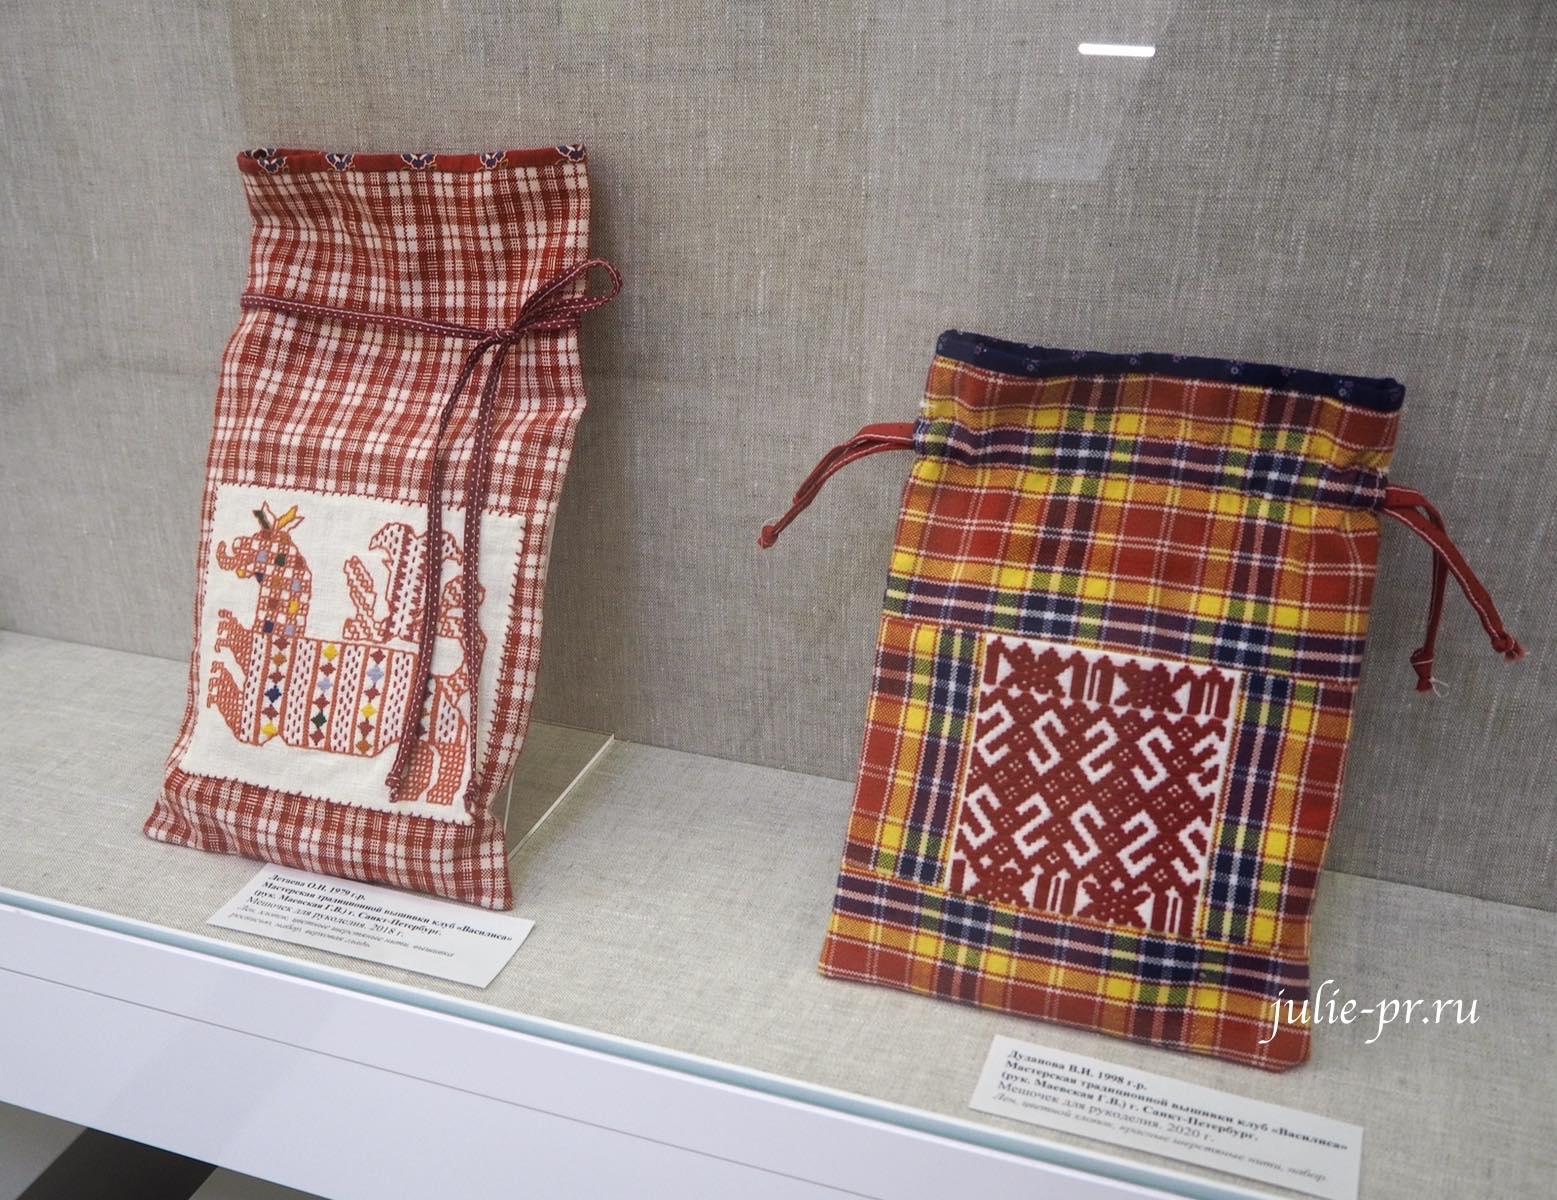 Всероссийская выставка вышивки, вышивка, Мешочки для рукоделия, органайзер для вышивки